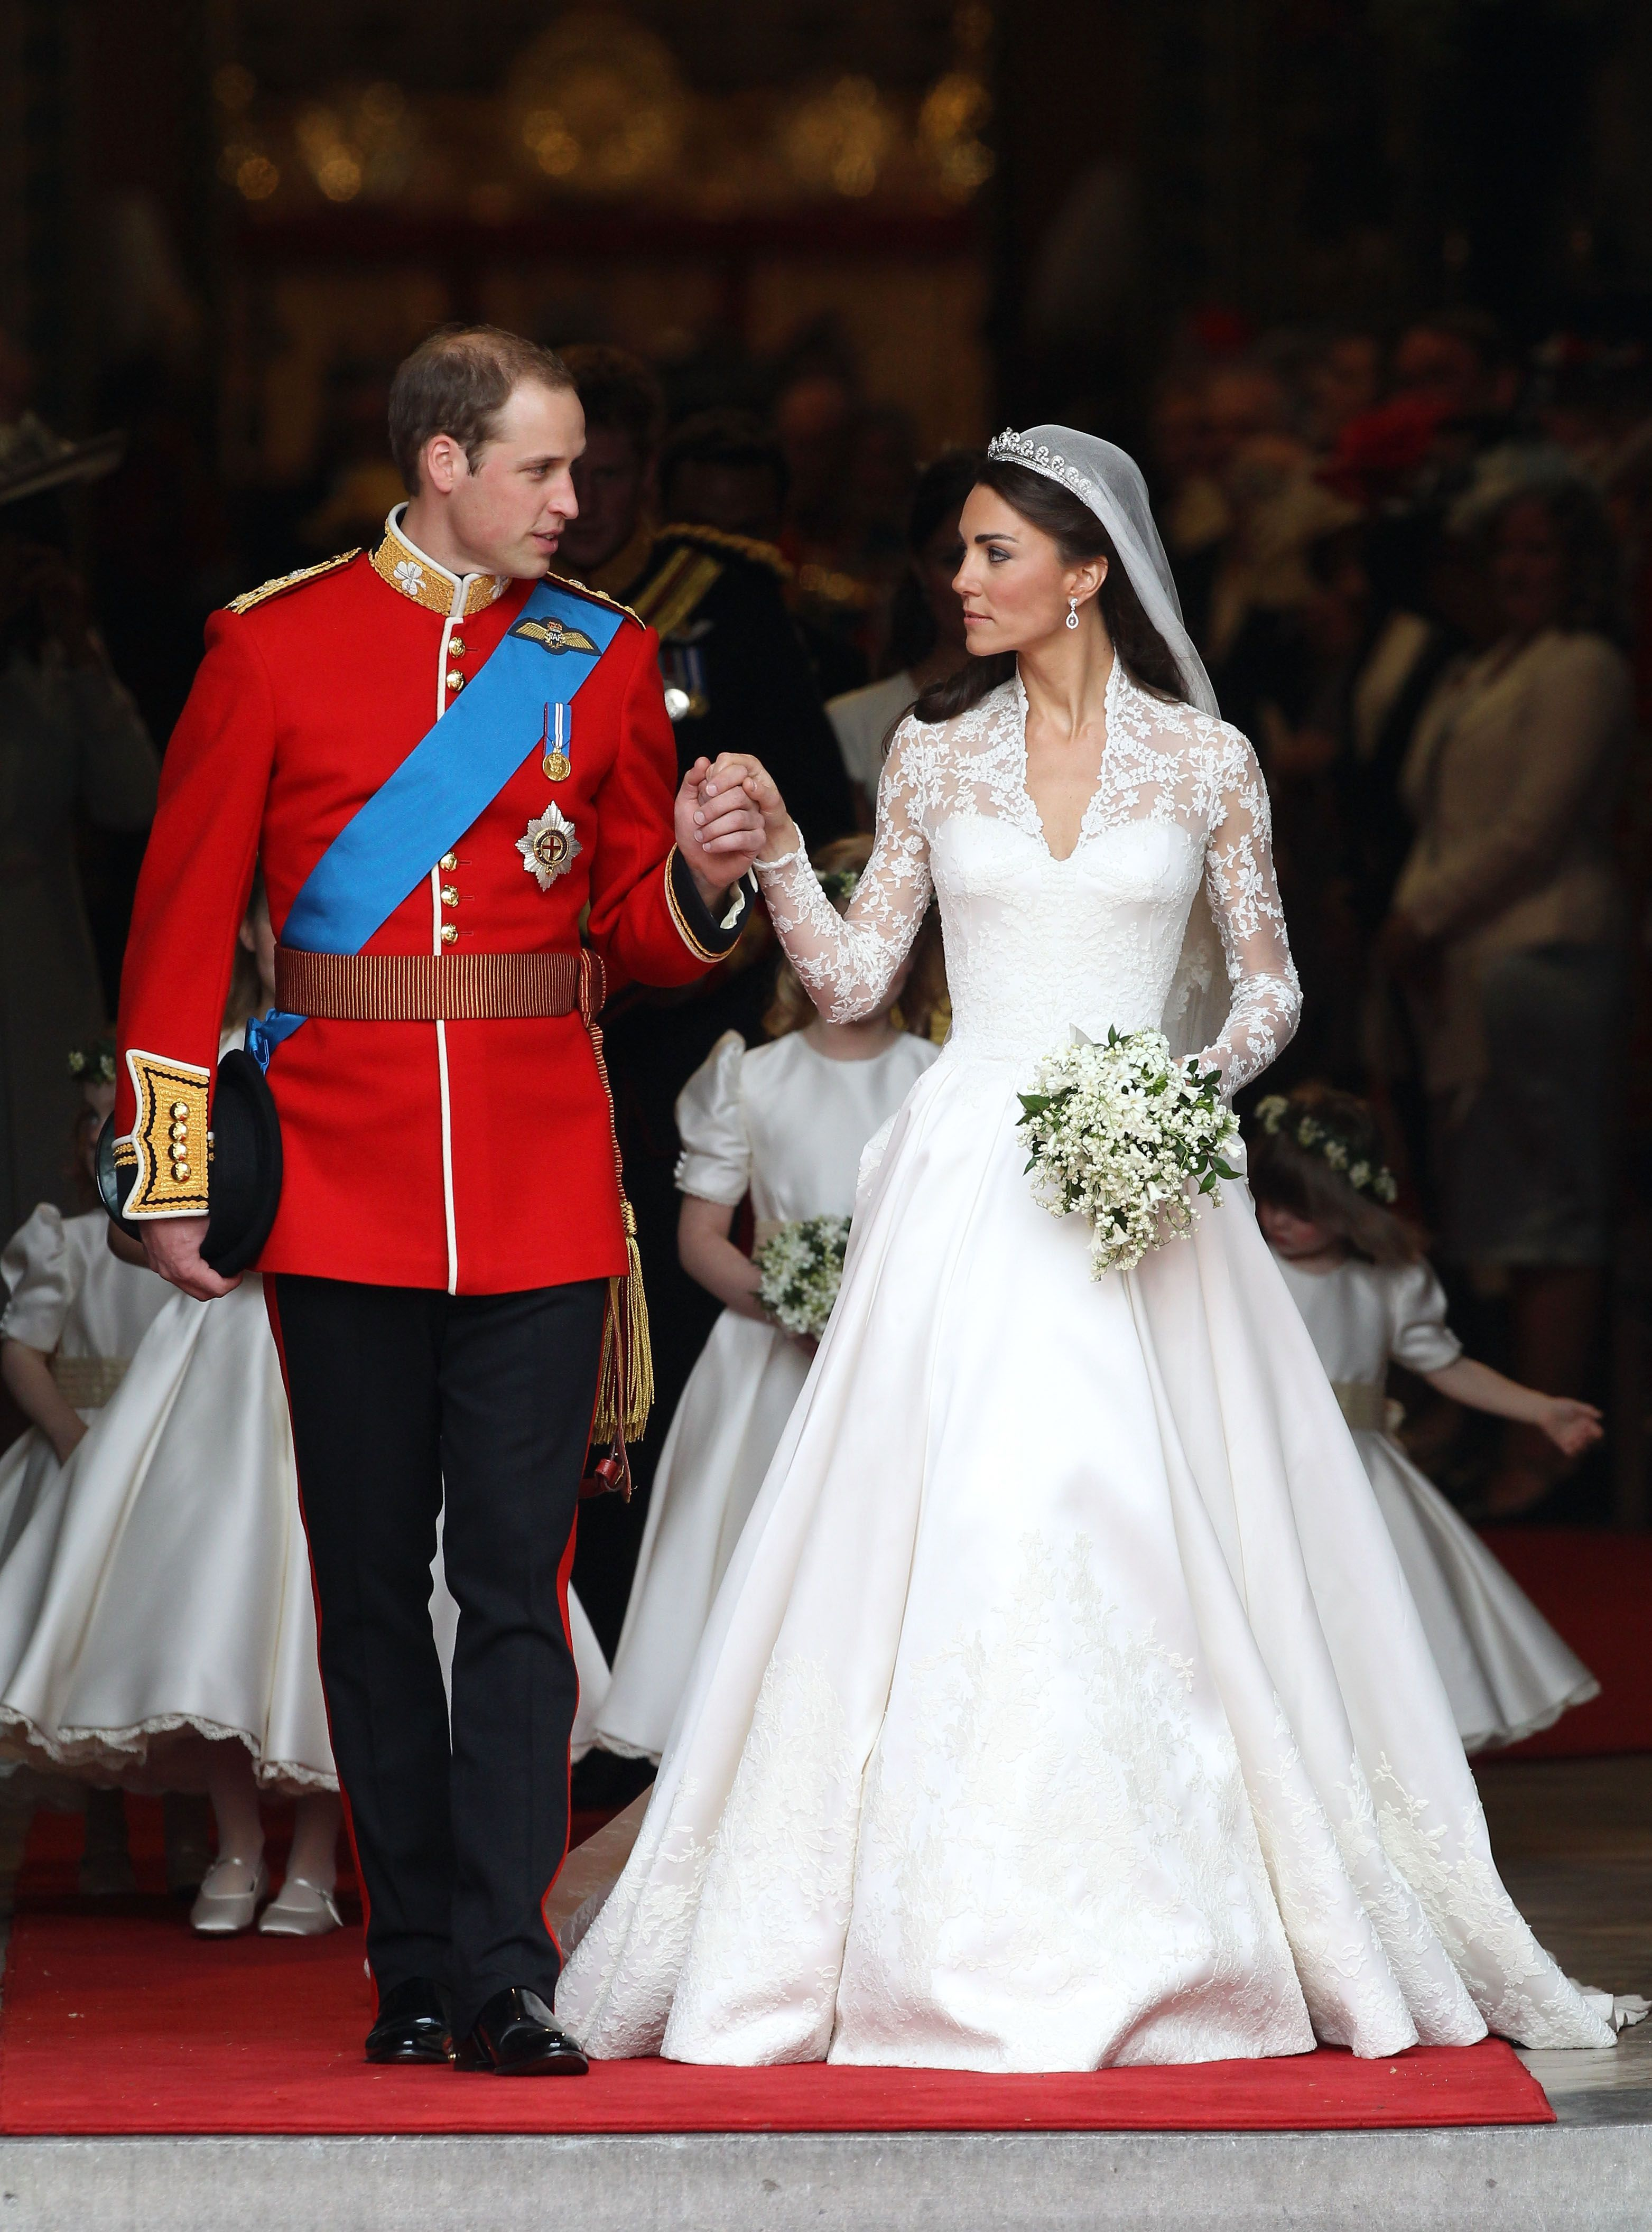 Королівський стиль  7 найкрасивіших весільних суконь d6277288e327c